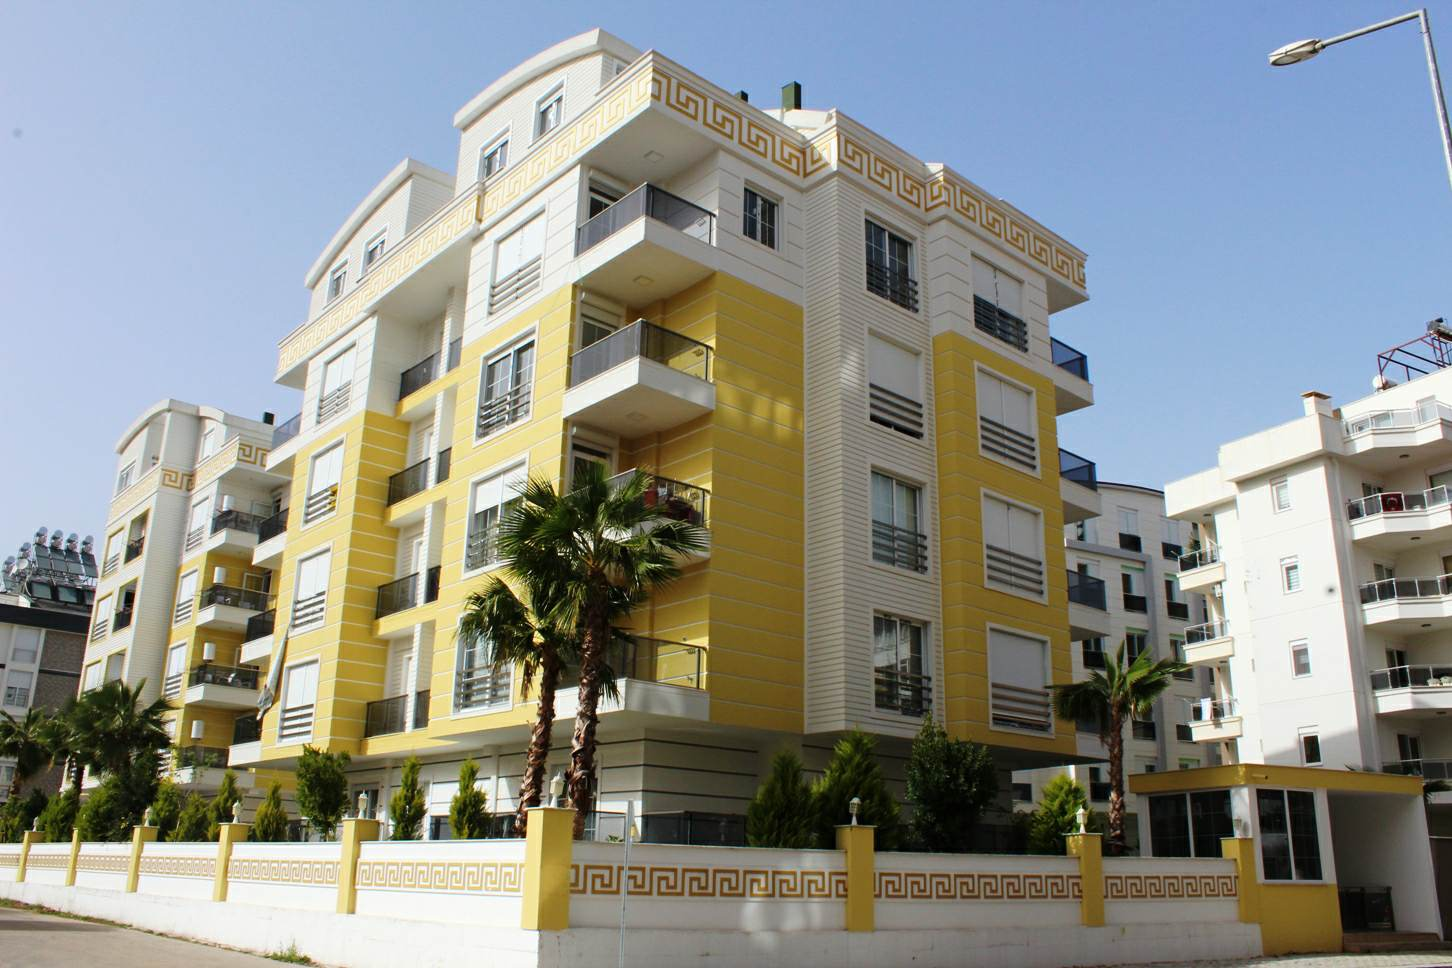 Konyaalti Residence (2+1 дуплекс) — Двухуровневая квартира в Анталии НЕДОРОГО (Хурма)